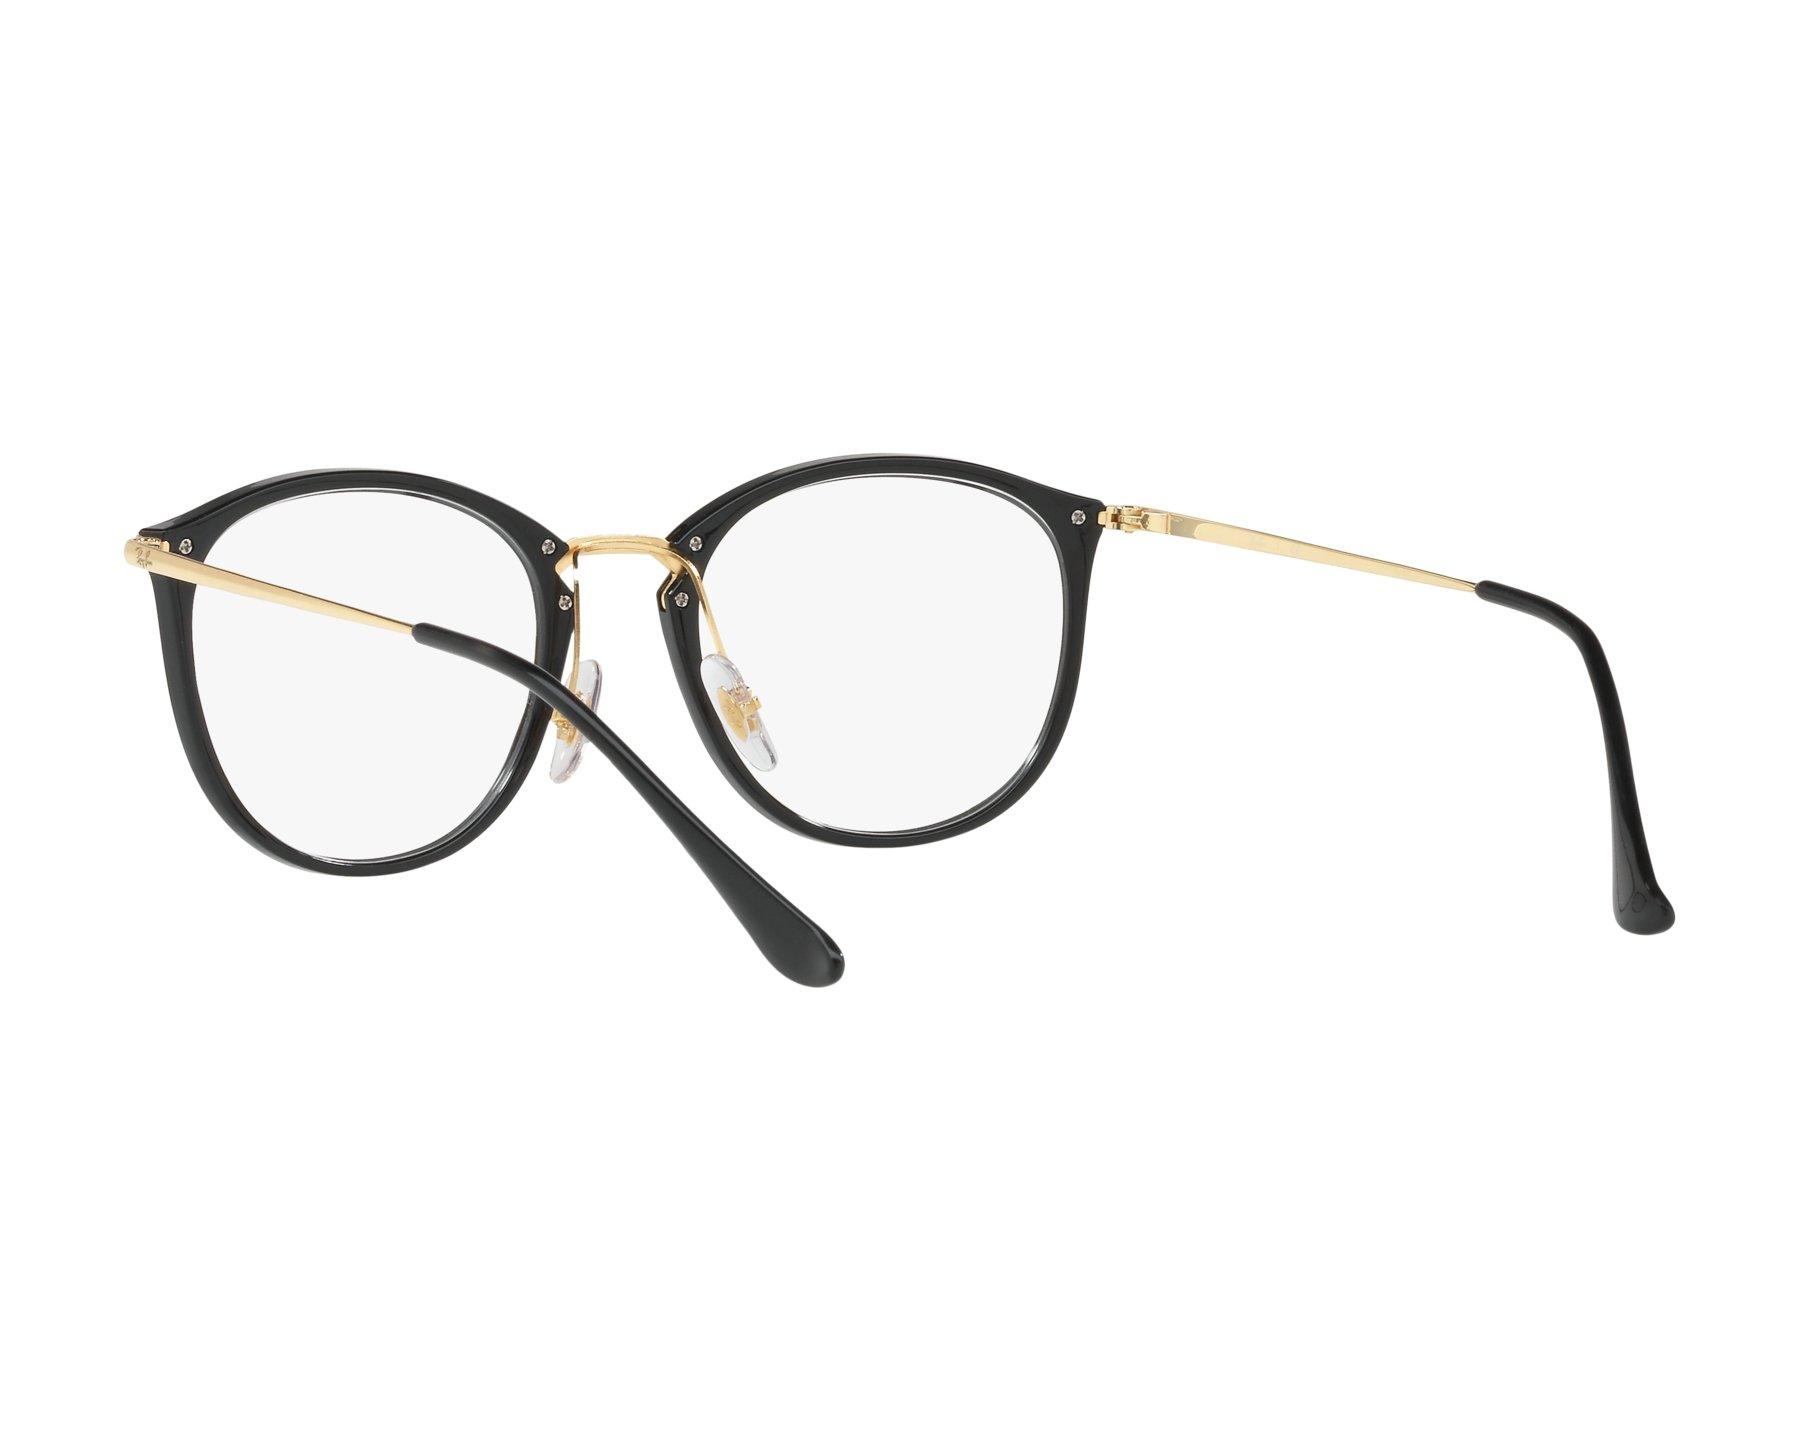 lunette de vue ray ban femme noir et or